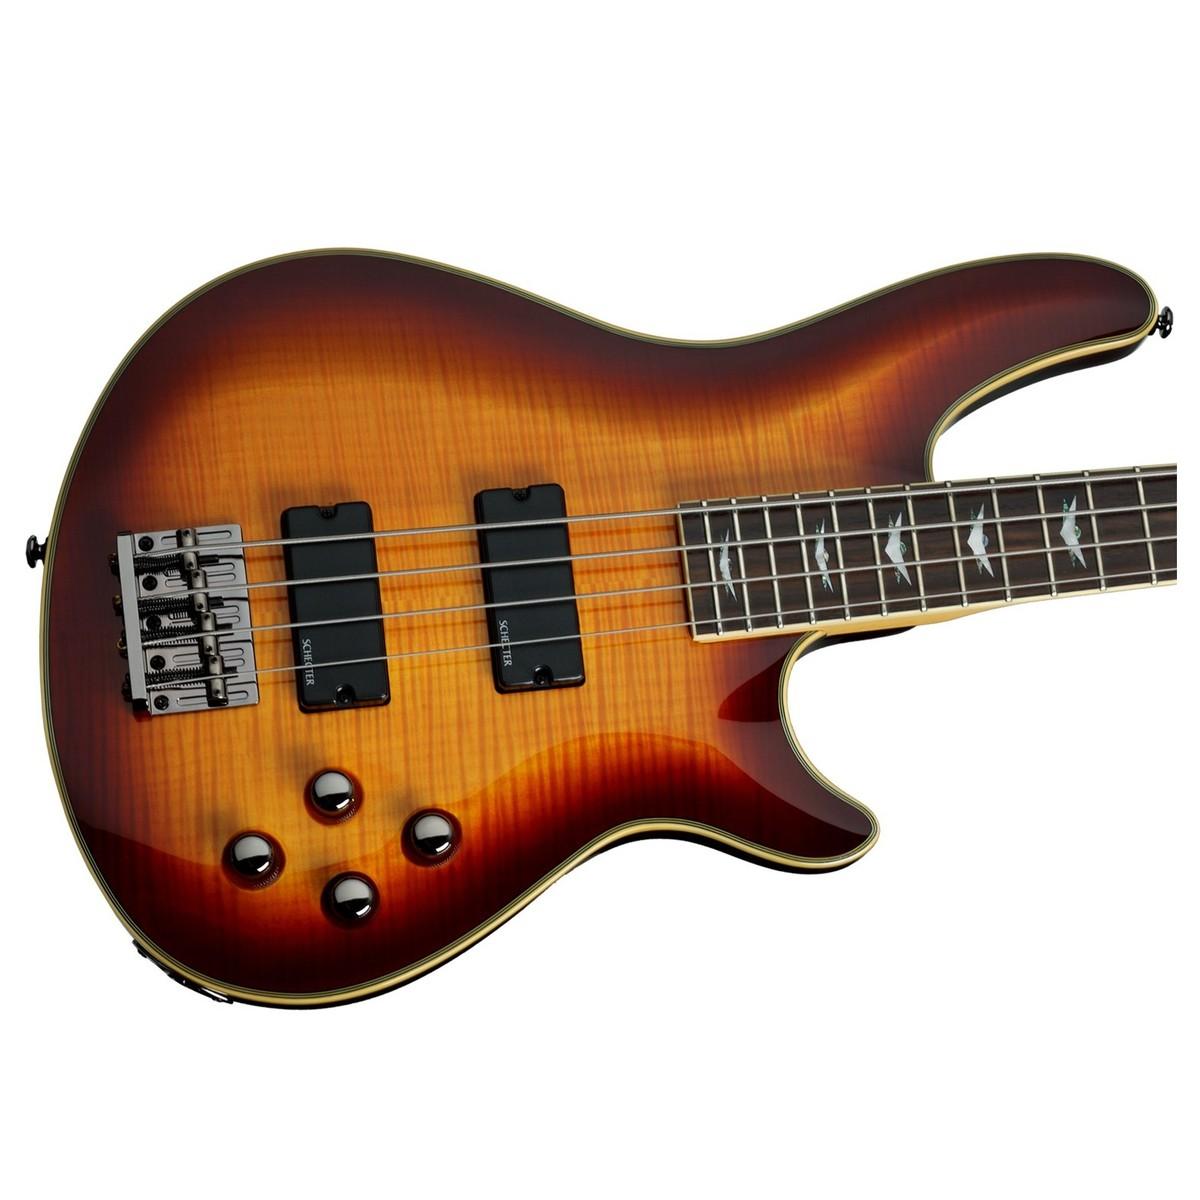 schecter omen extreme 4 bass guitar vintage sunburst at gear4music. Black Bedroom Furniture Sets. Home Design Ideas